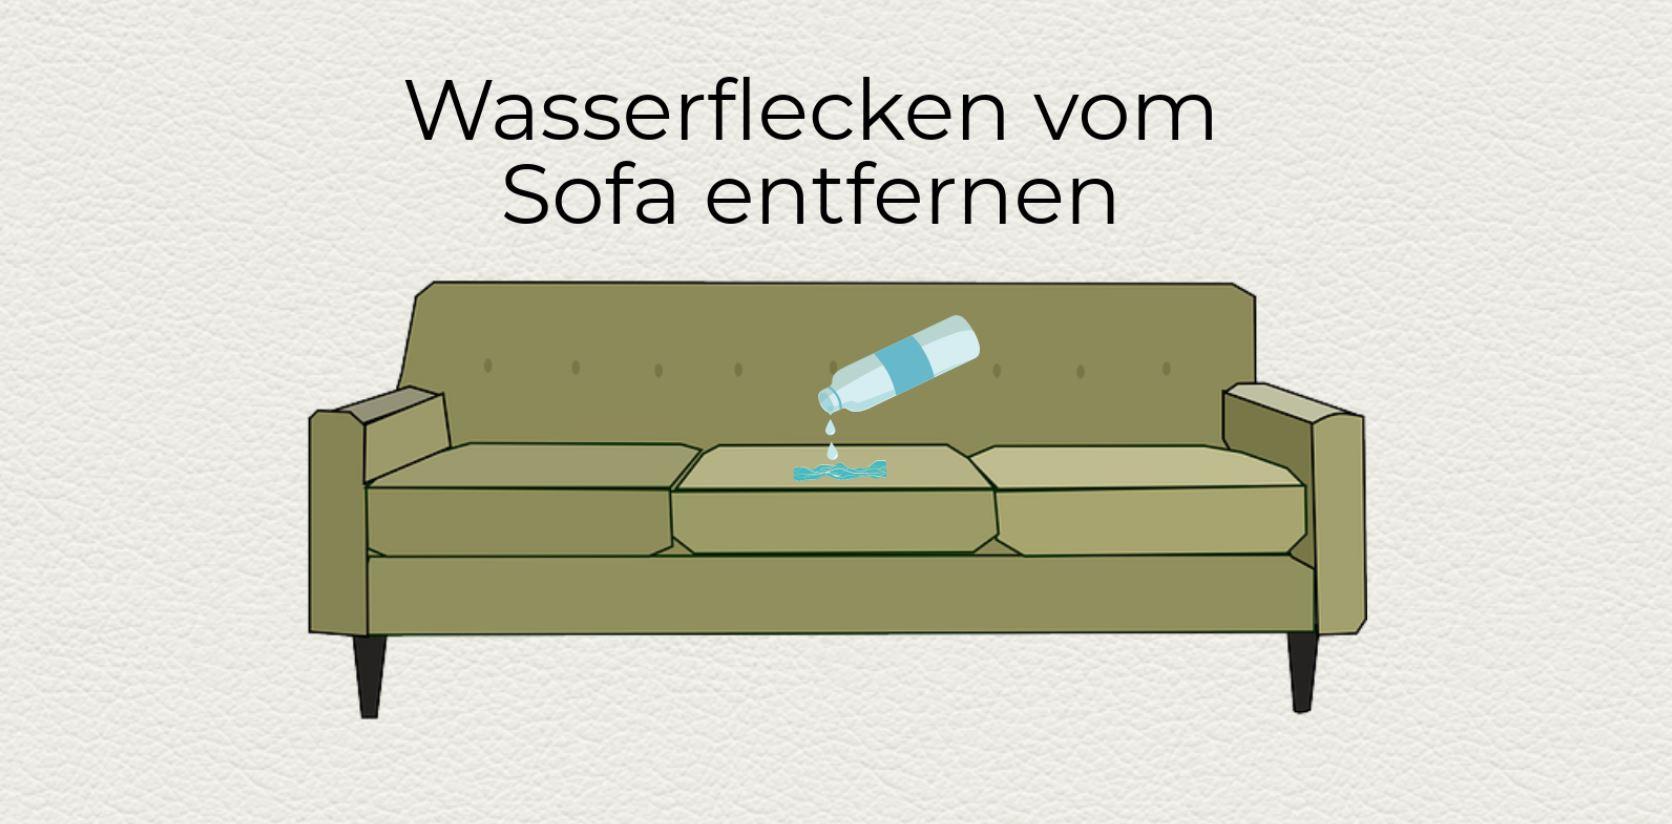 5 Schnelle Tipps Um Wasserflecken Vom Sofa Zu Entfernen